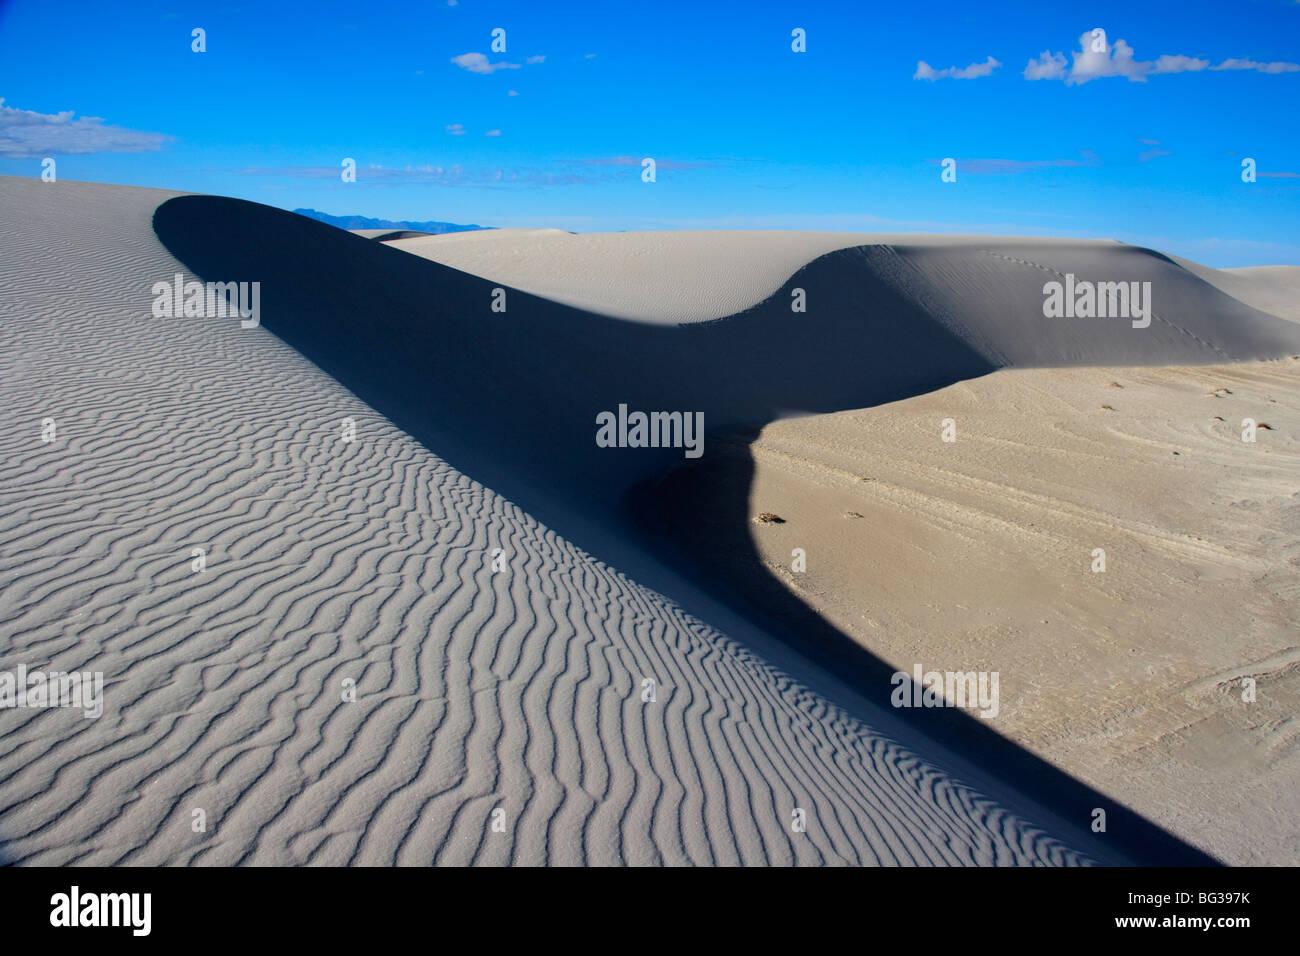 Casa de las dunas de arenas blancas de Nuevo México. Estas dramáticas dunas están siempre en movimiento debido a los vientos dominantes con las ondulaciones Foto de stock